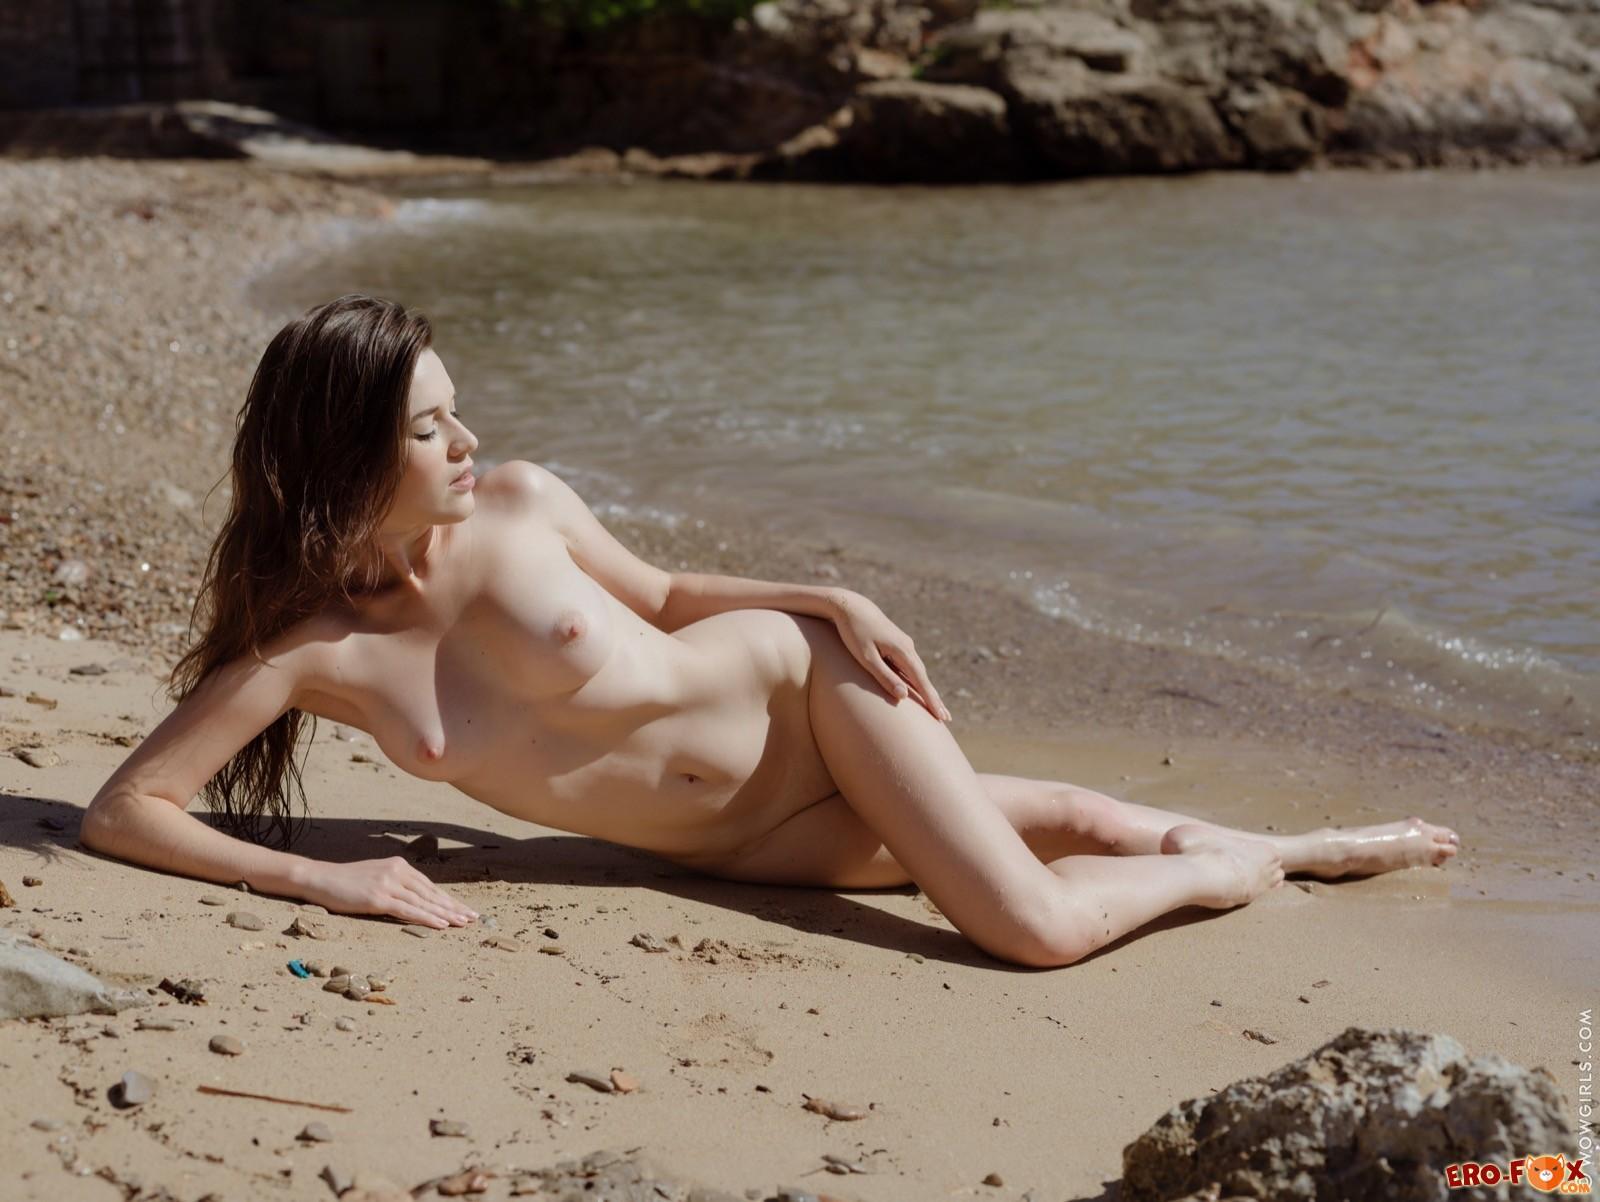 Привлекательная девушка сняла купальник на пляже